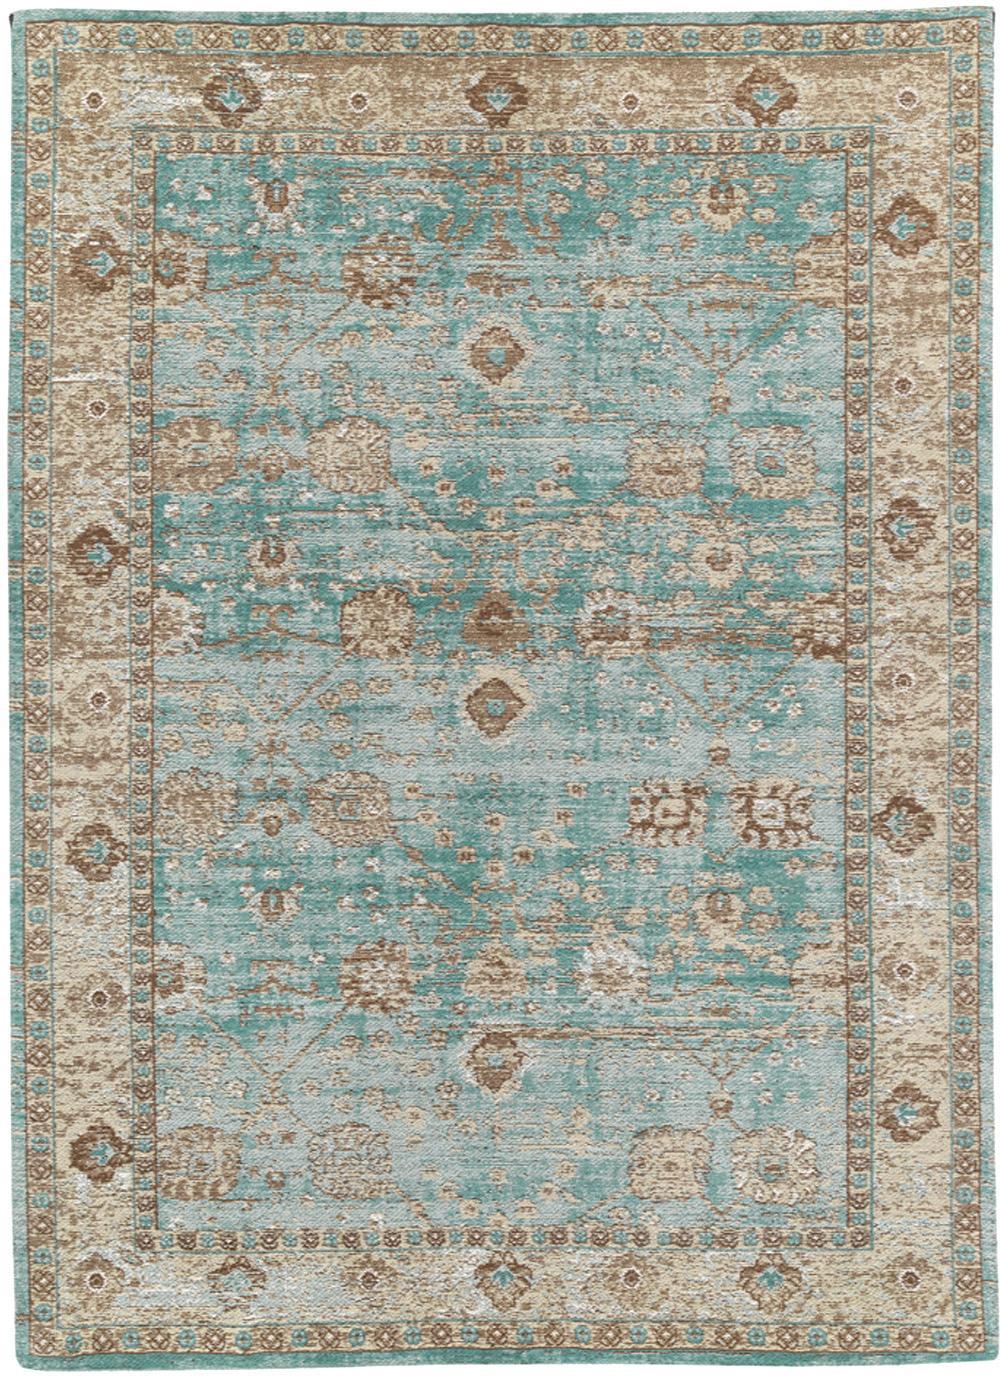 Ręcznie tkany dywan szenilowy Rimini, Turkusowy, taupe, brązowy, S 120 x D 180 cm (Rozmiar S)